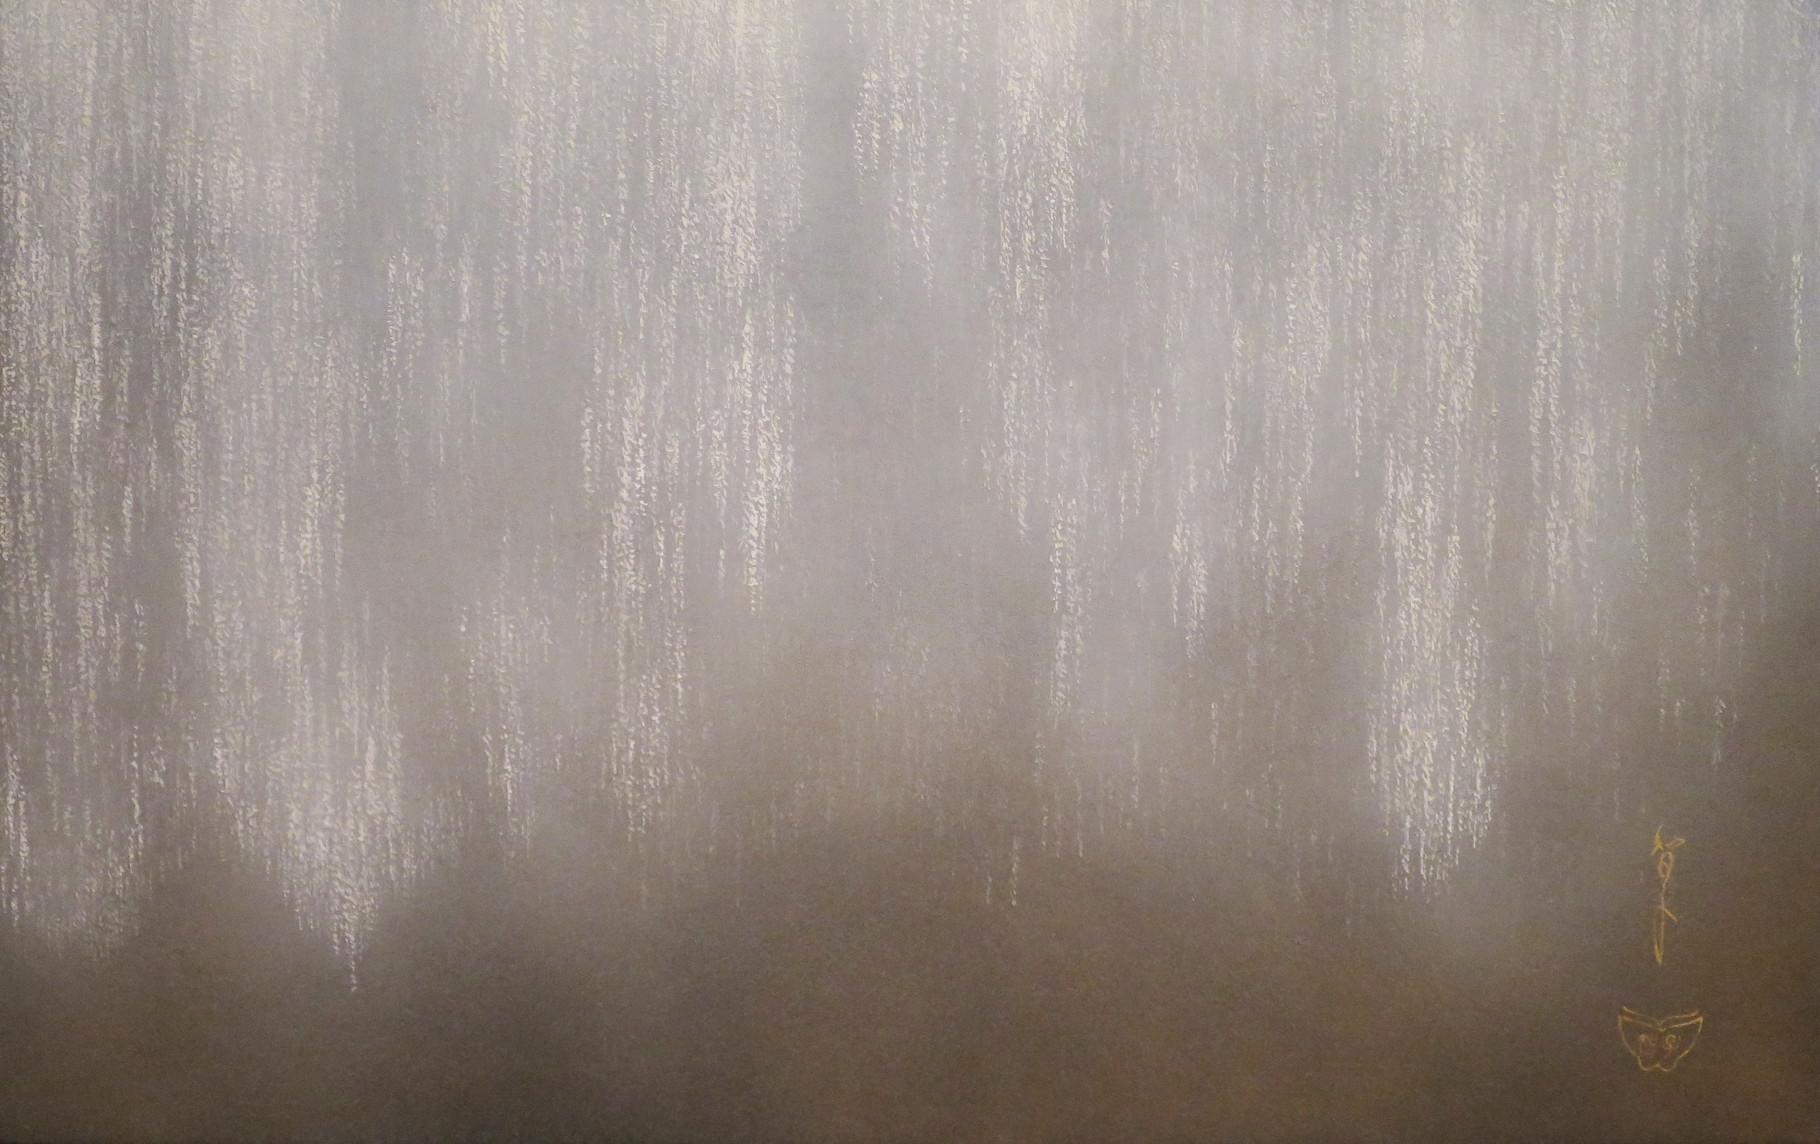 「足利大藤-白」 雲肌麻紙・岩絵具 M10 237,600円(税込)